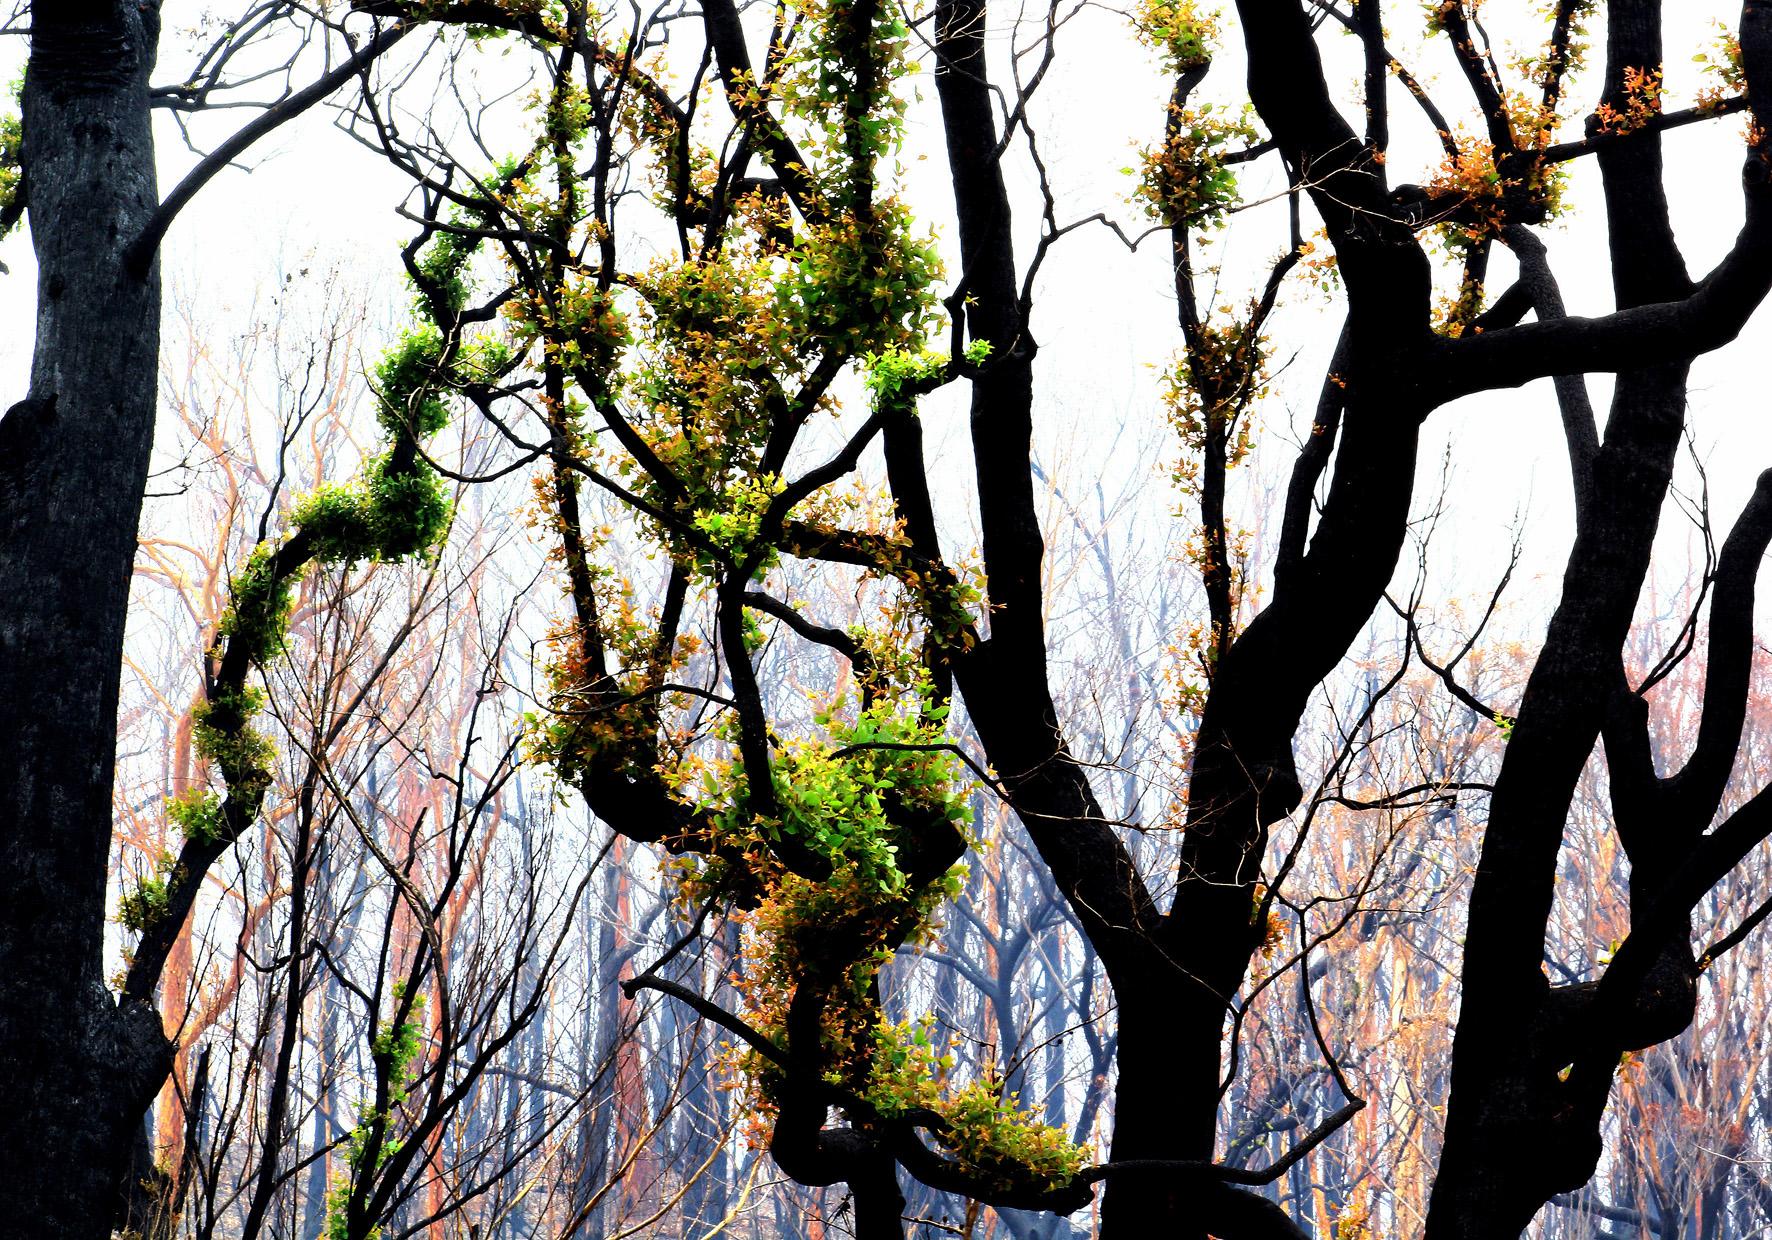 green regrowth on still burnt trees.